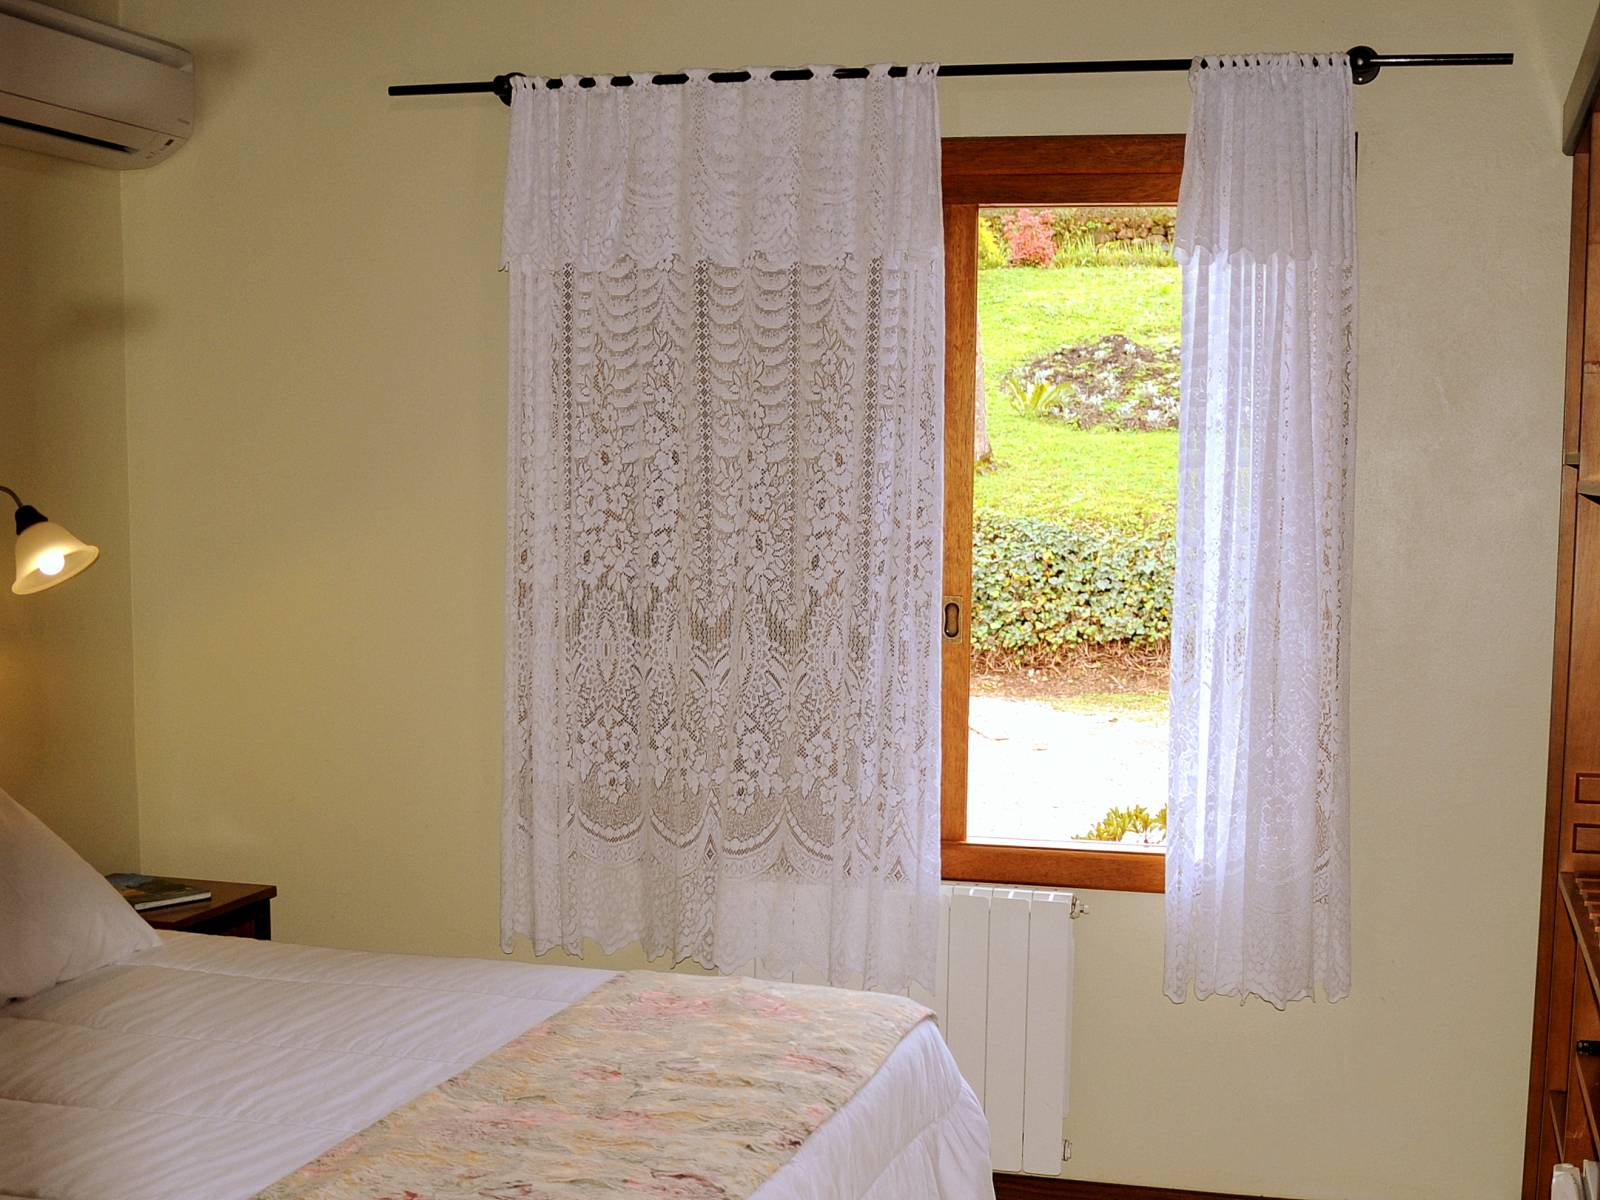 Bangalô Azaleia - Acomodações do Hotel Bangalôs da Serra em Gramado #CurtaSuaFamilia #HotelSustentavel #TurismoVerde #TravelersChoice #EcoLider #Gramado #SerraGaucha